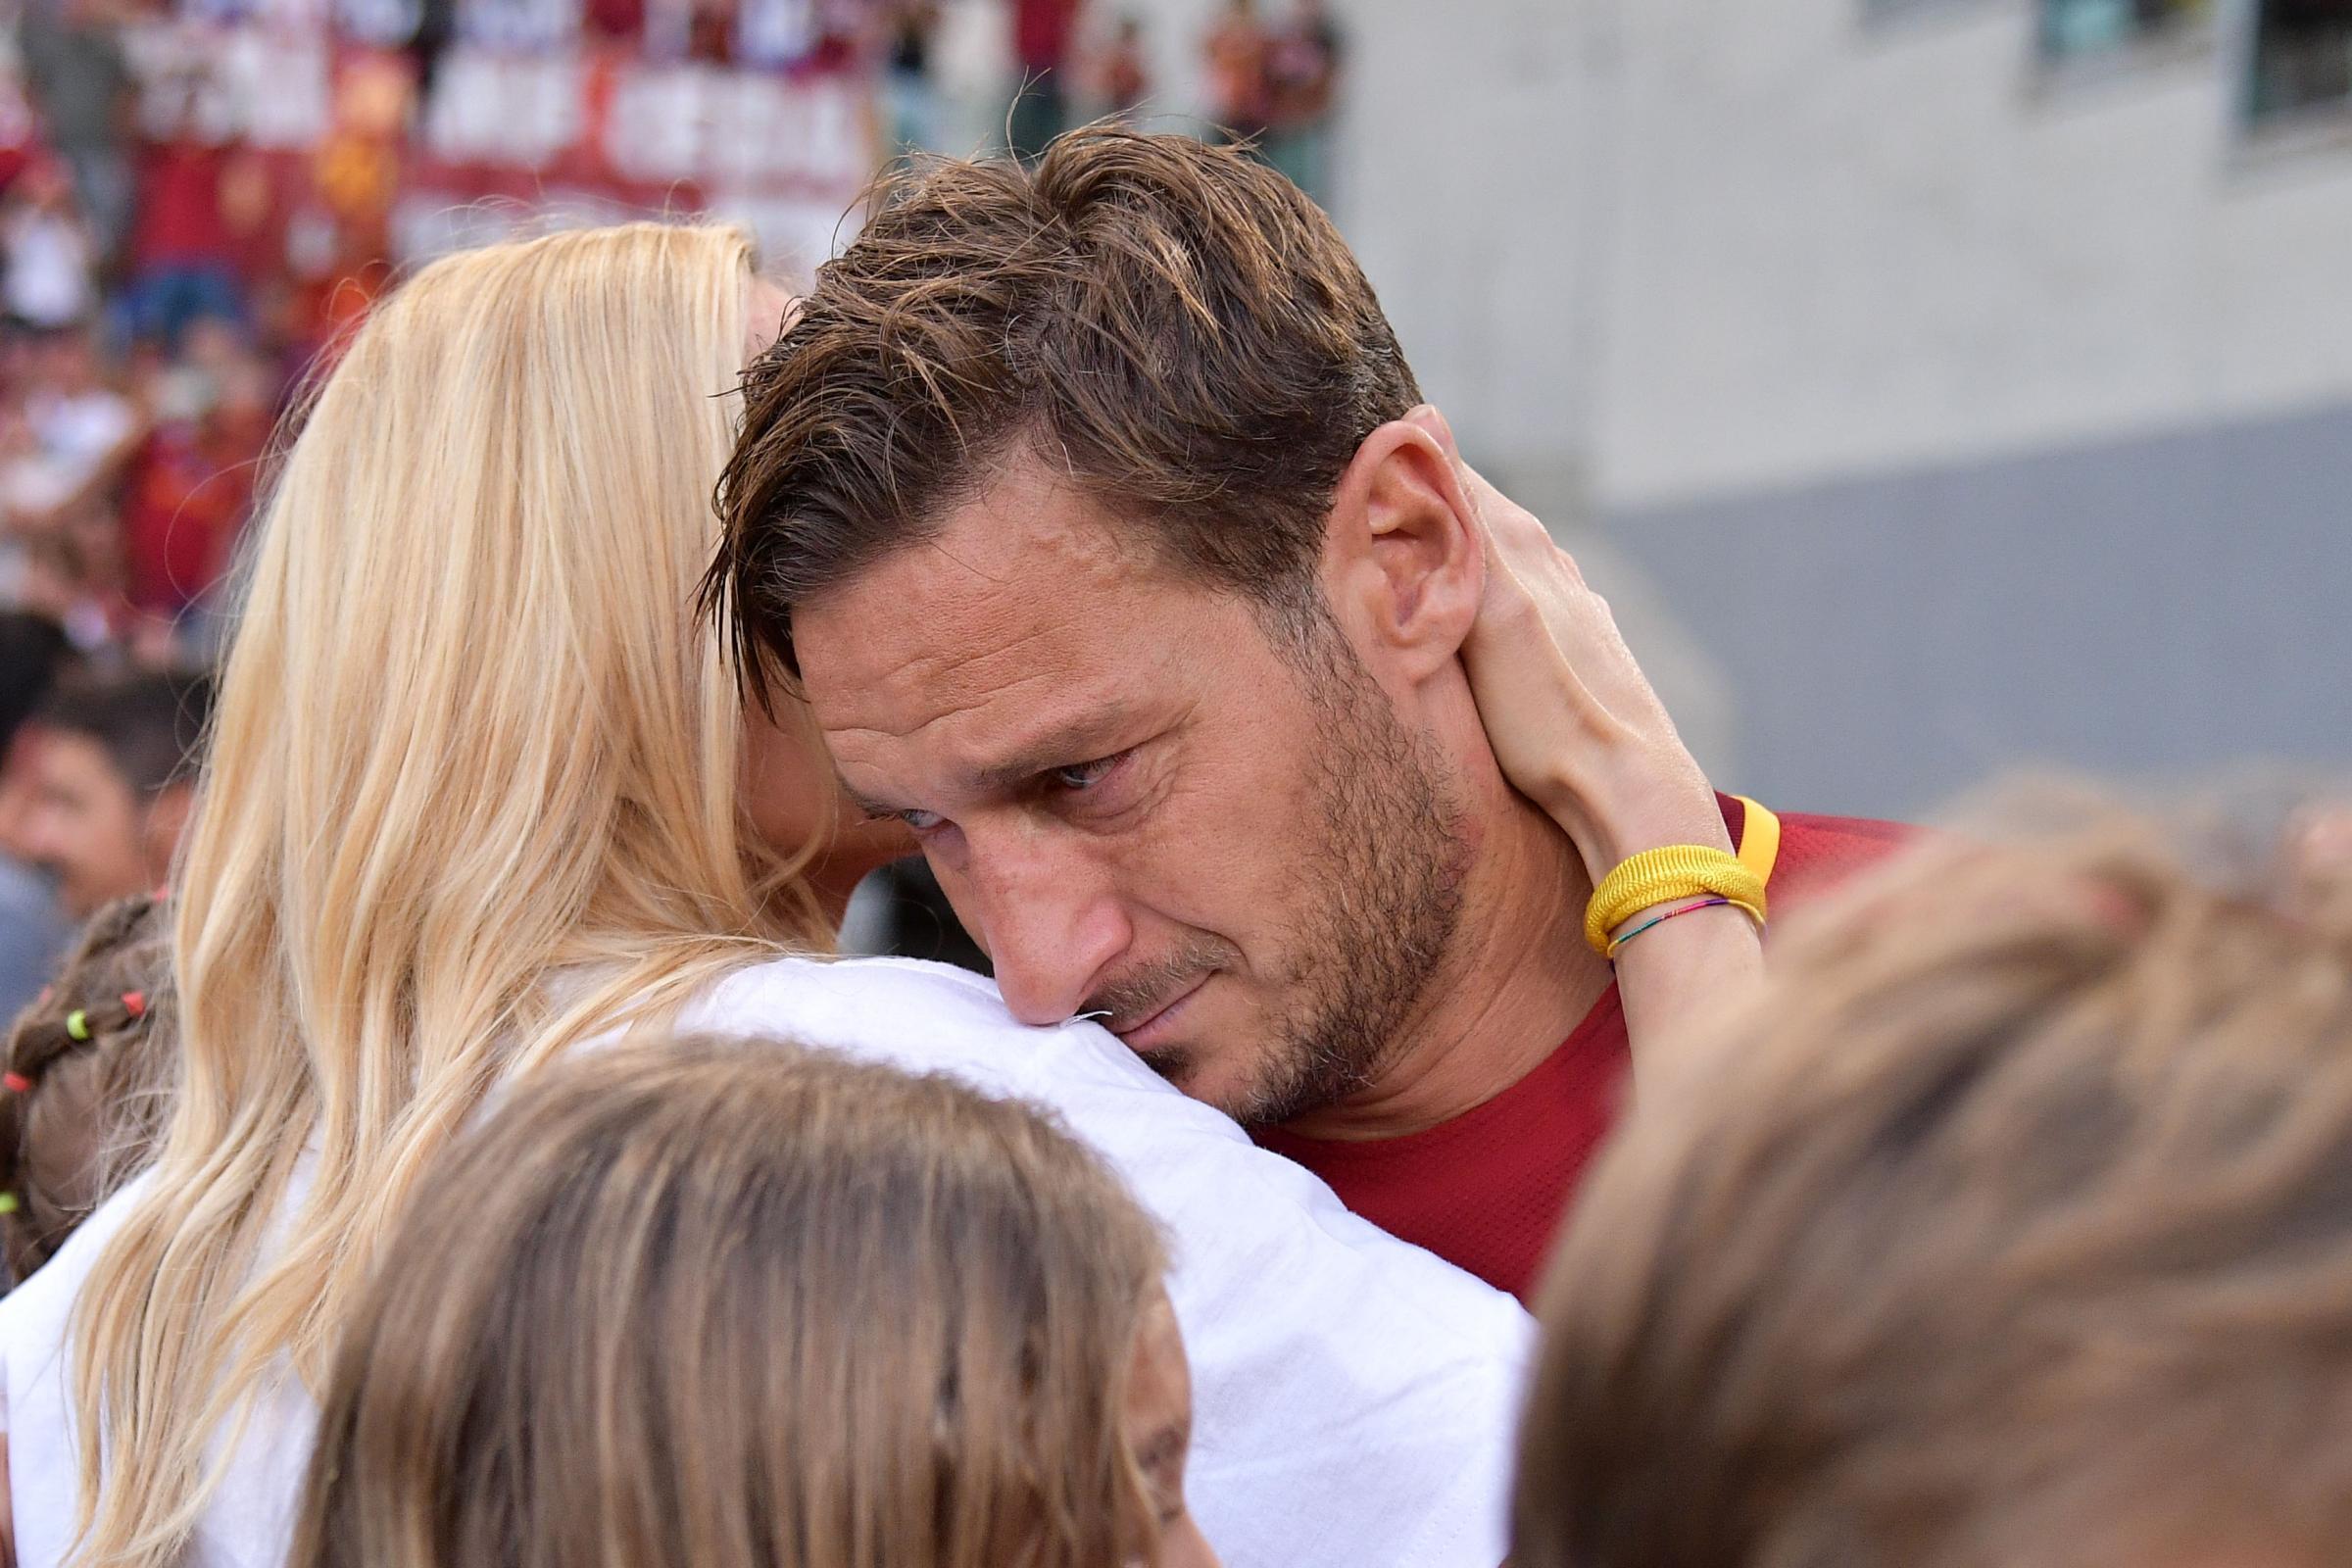 Stadio Olimpico di Roma, l'addio di Francesco Totti al calcio giocato